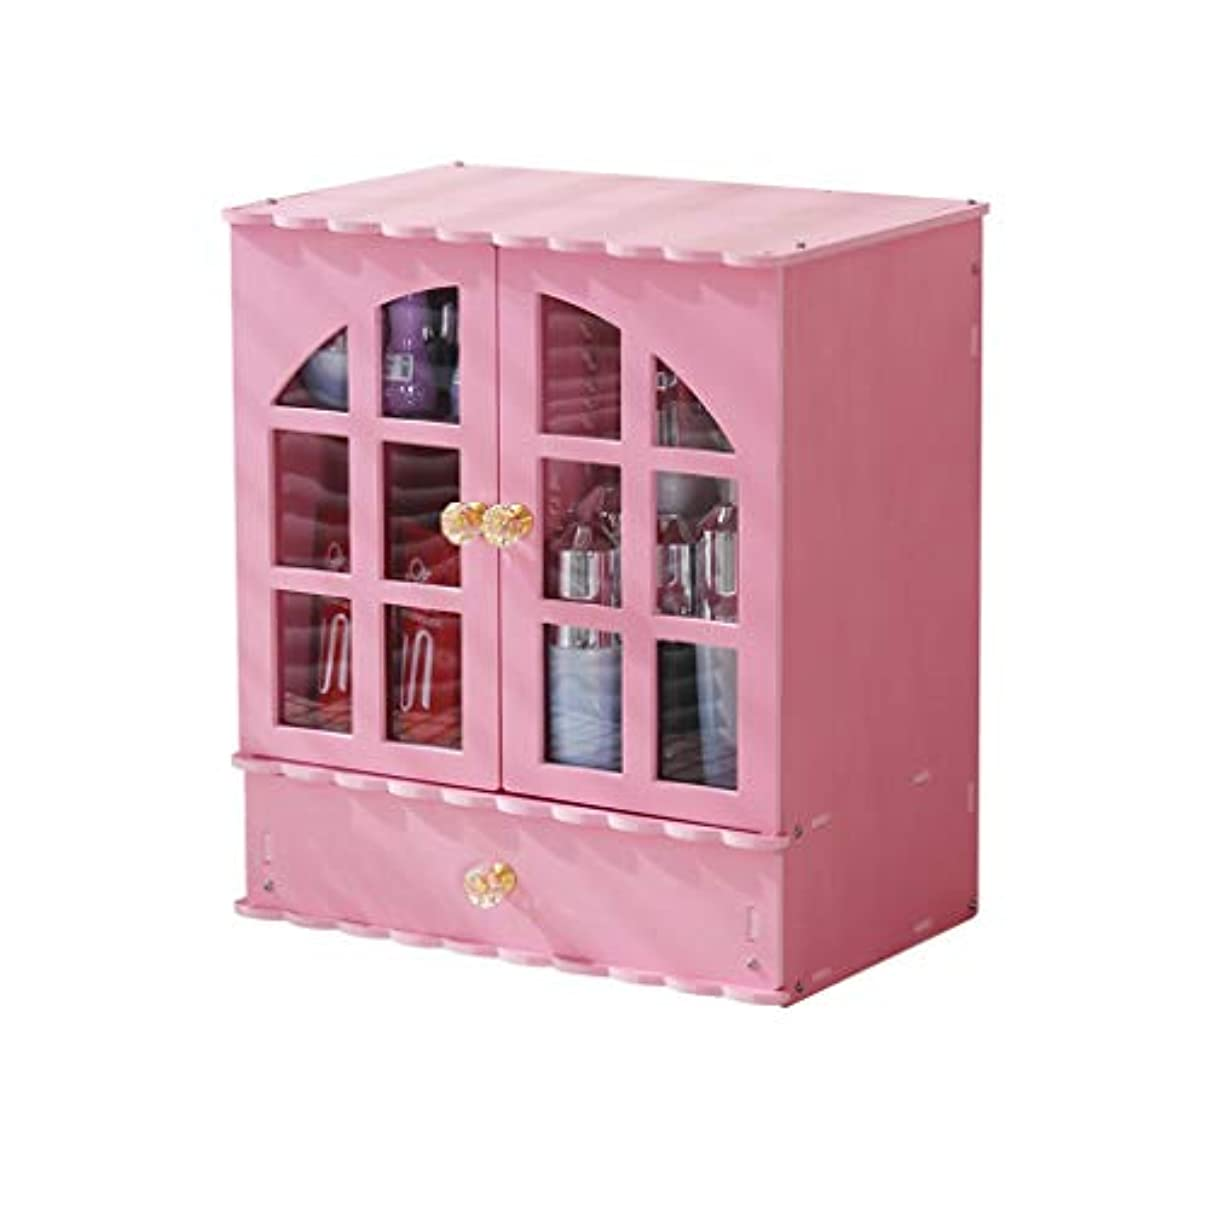 胆嚢半ばアクティブデスクトップ化粧品スキンケア収納ボックスプラスチック収納キャビネットラックかわいい家庭用ドレッシングテーブル化粧箱 (Color : Pink)